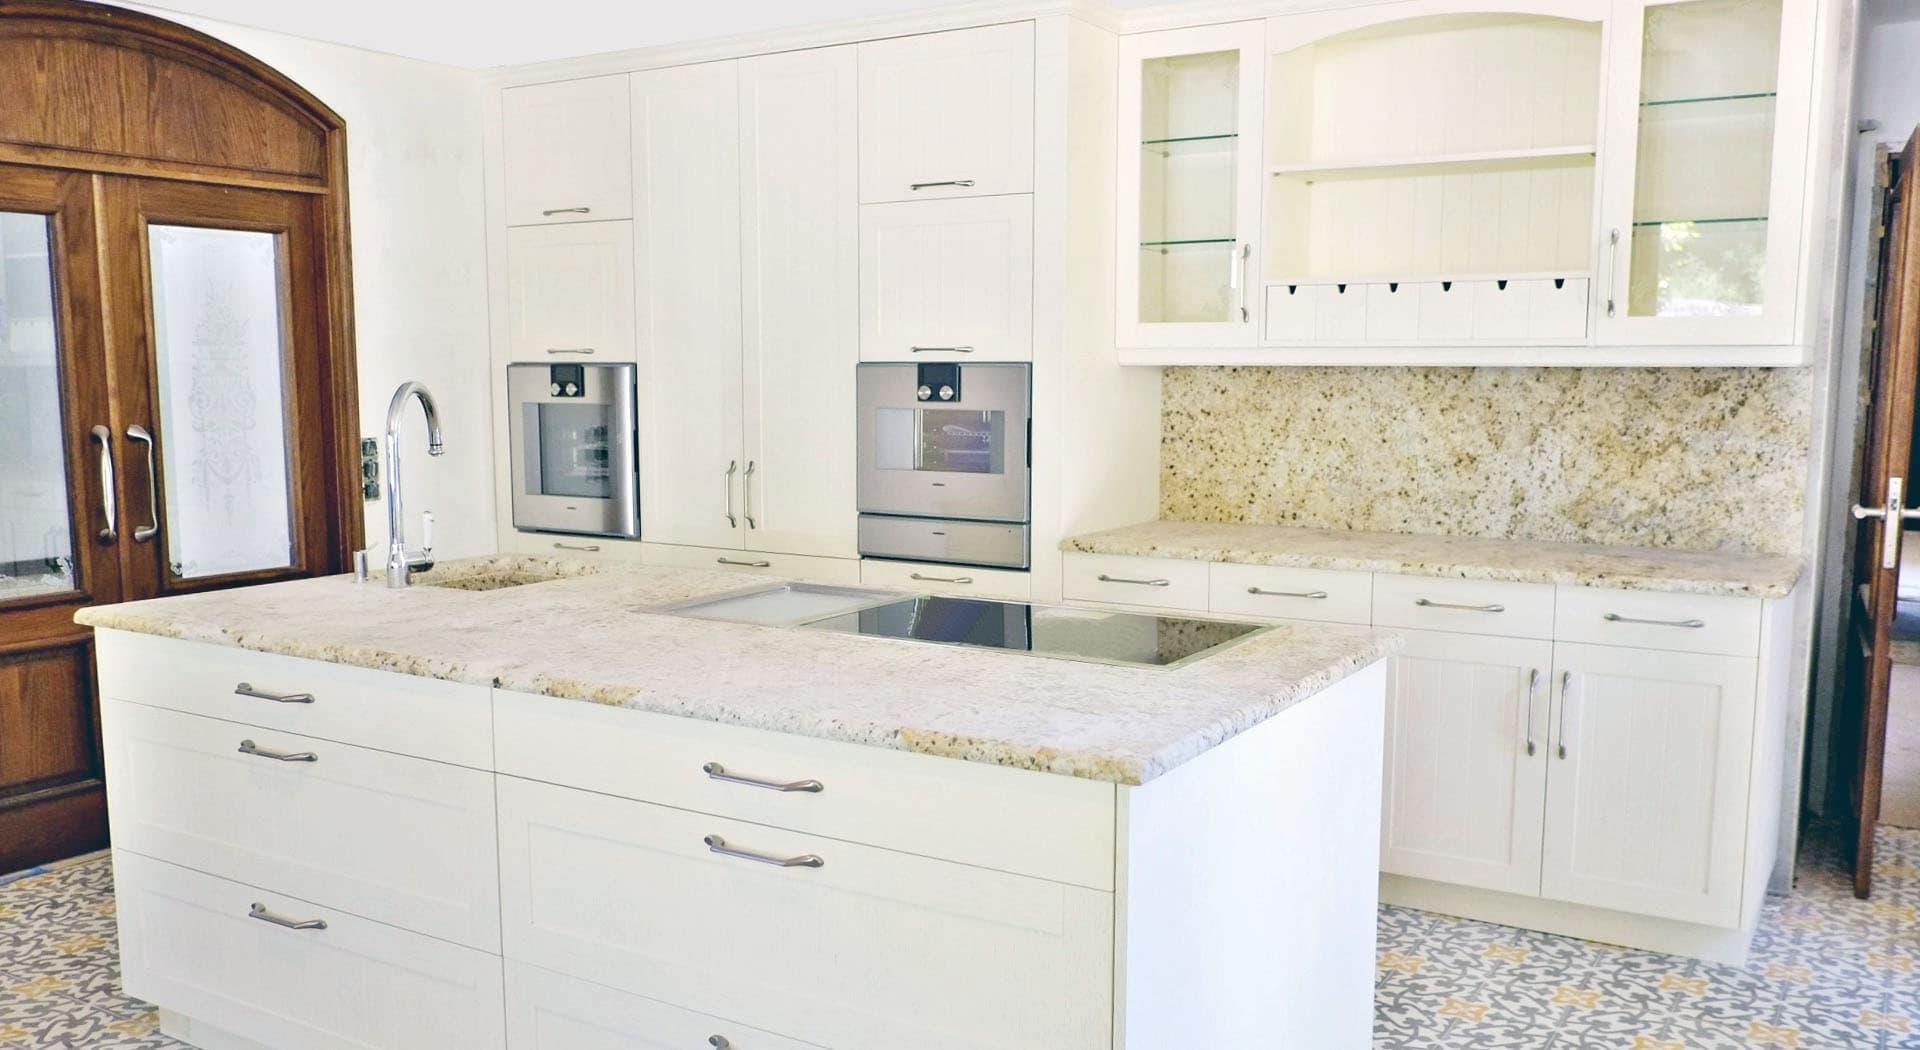 Muebles De Cocina Santiago De Compostela : Muebles de cocina santiago compostela ensanche a corua